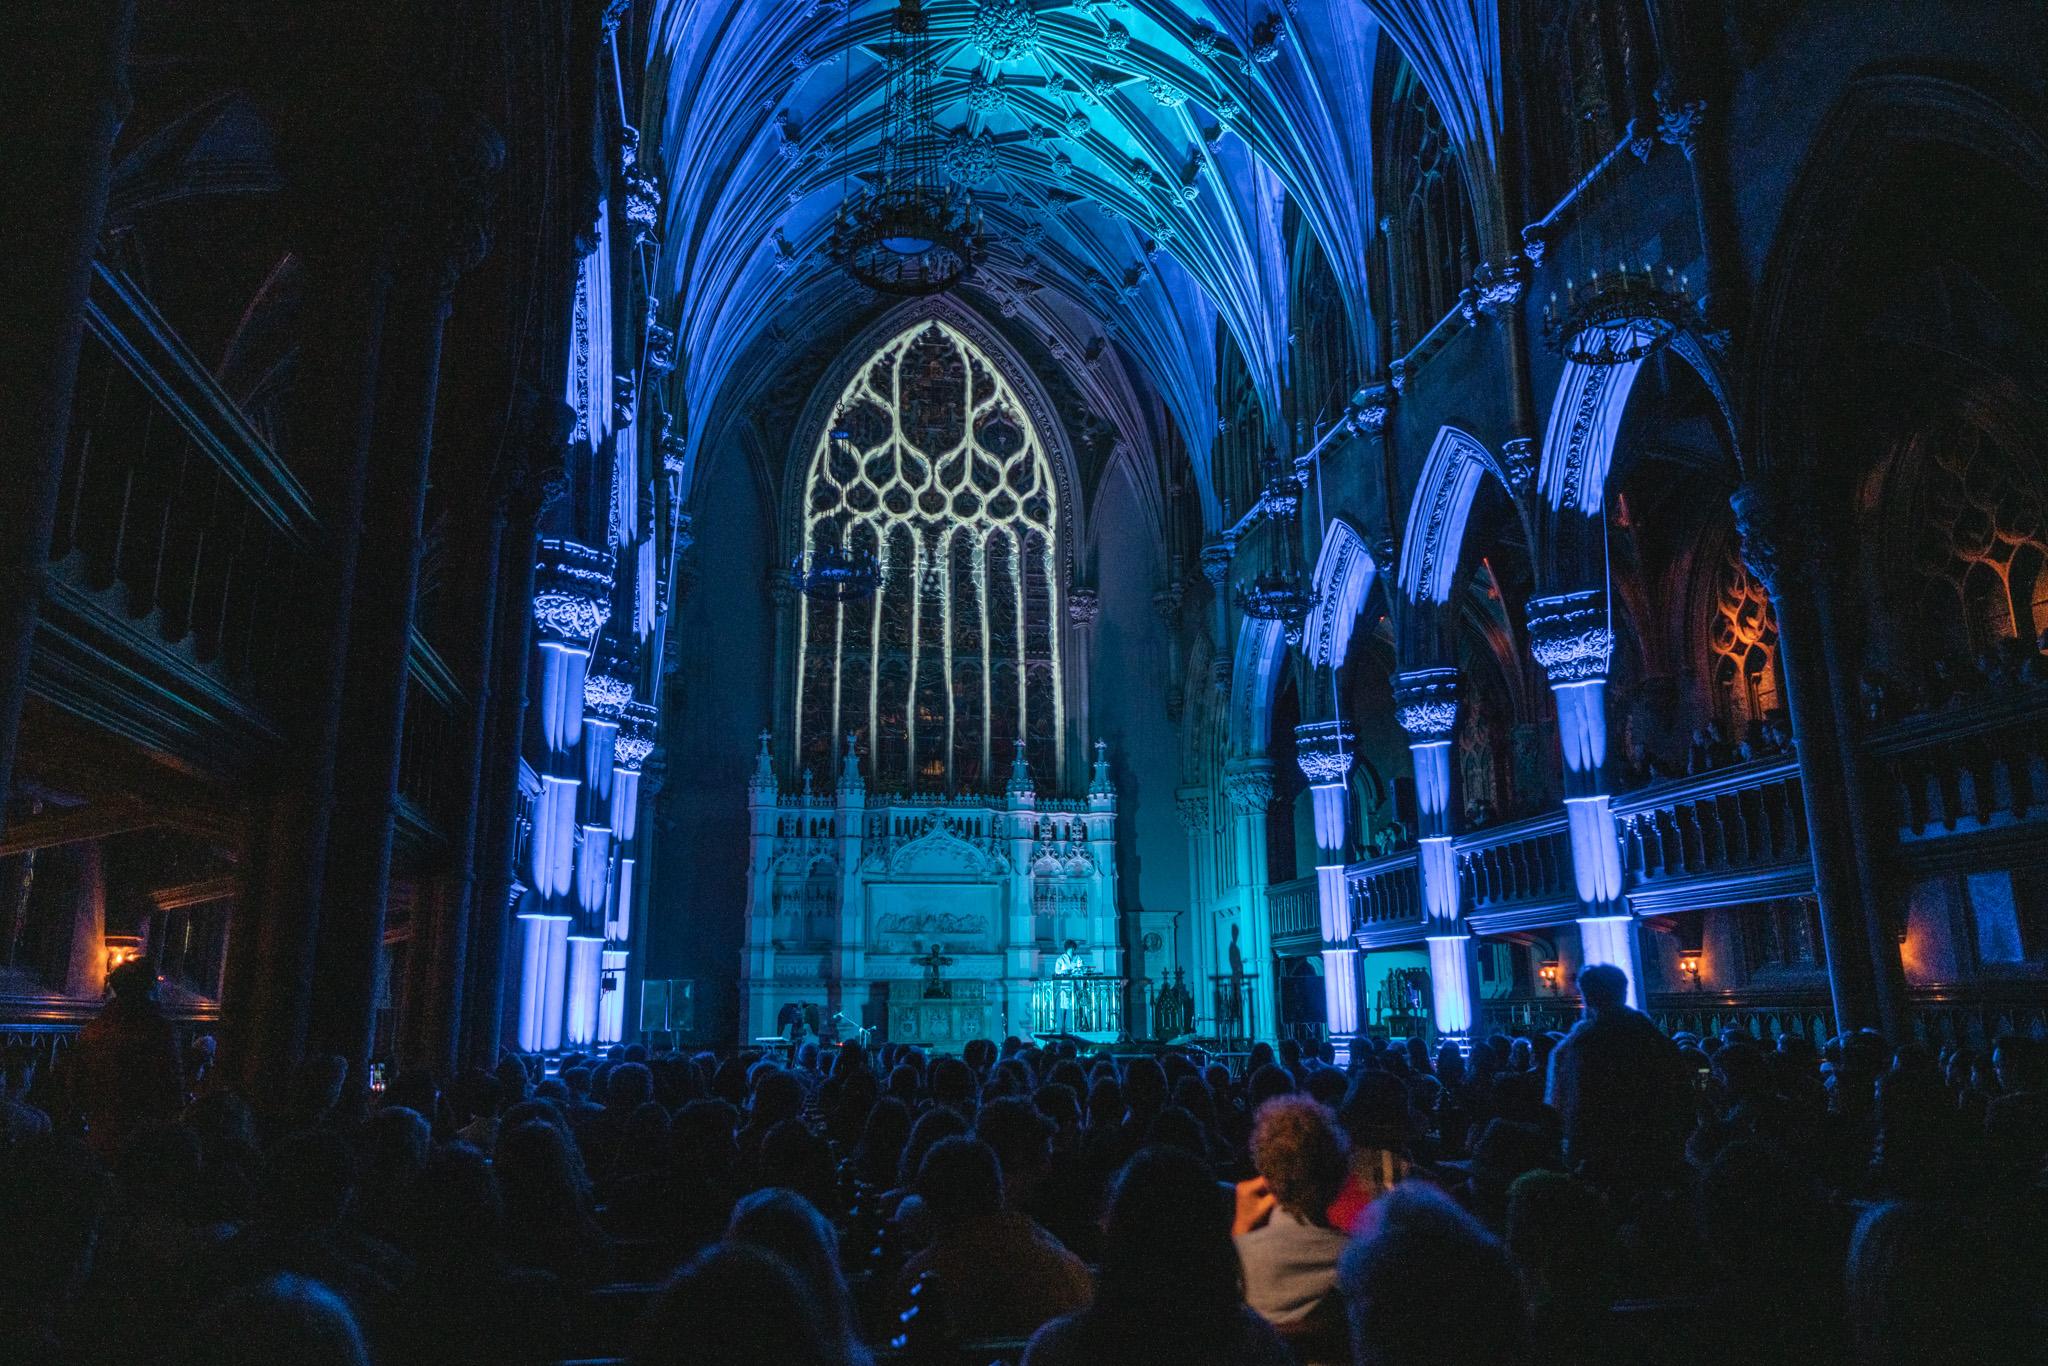 ambient_church_2018_15_12_ryan_krukowski-08638.jpg